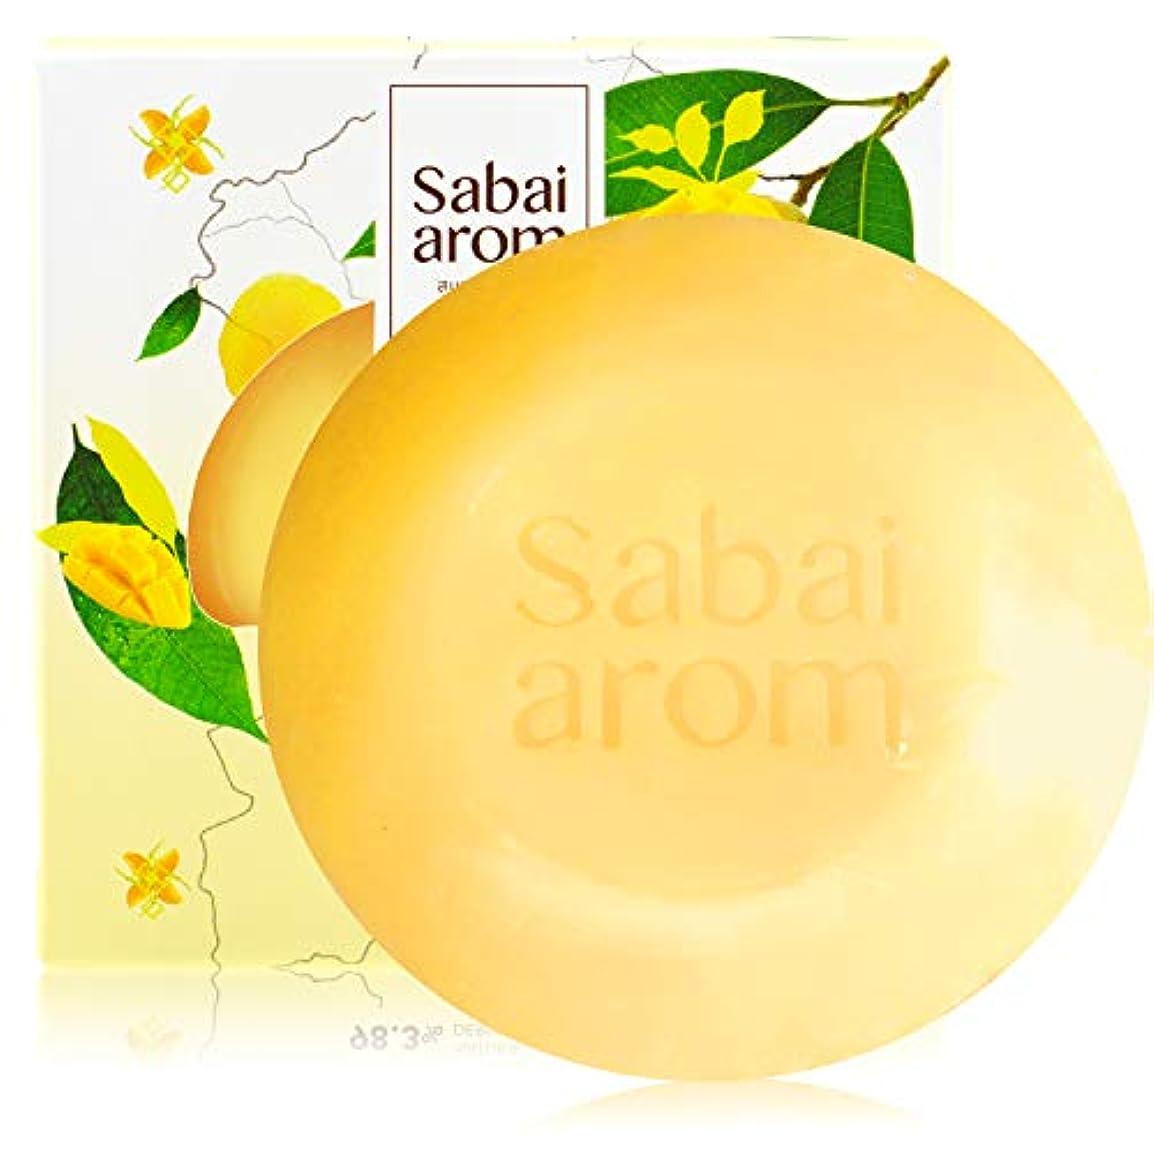 下位扇動するつかむサバイアロム(Sabai-arom) マンゴー オーチャード フェイス&ボディソープバー (石鹸) 100g【MAN】【001】